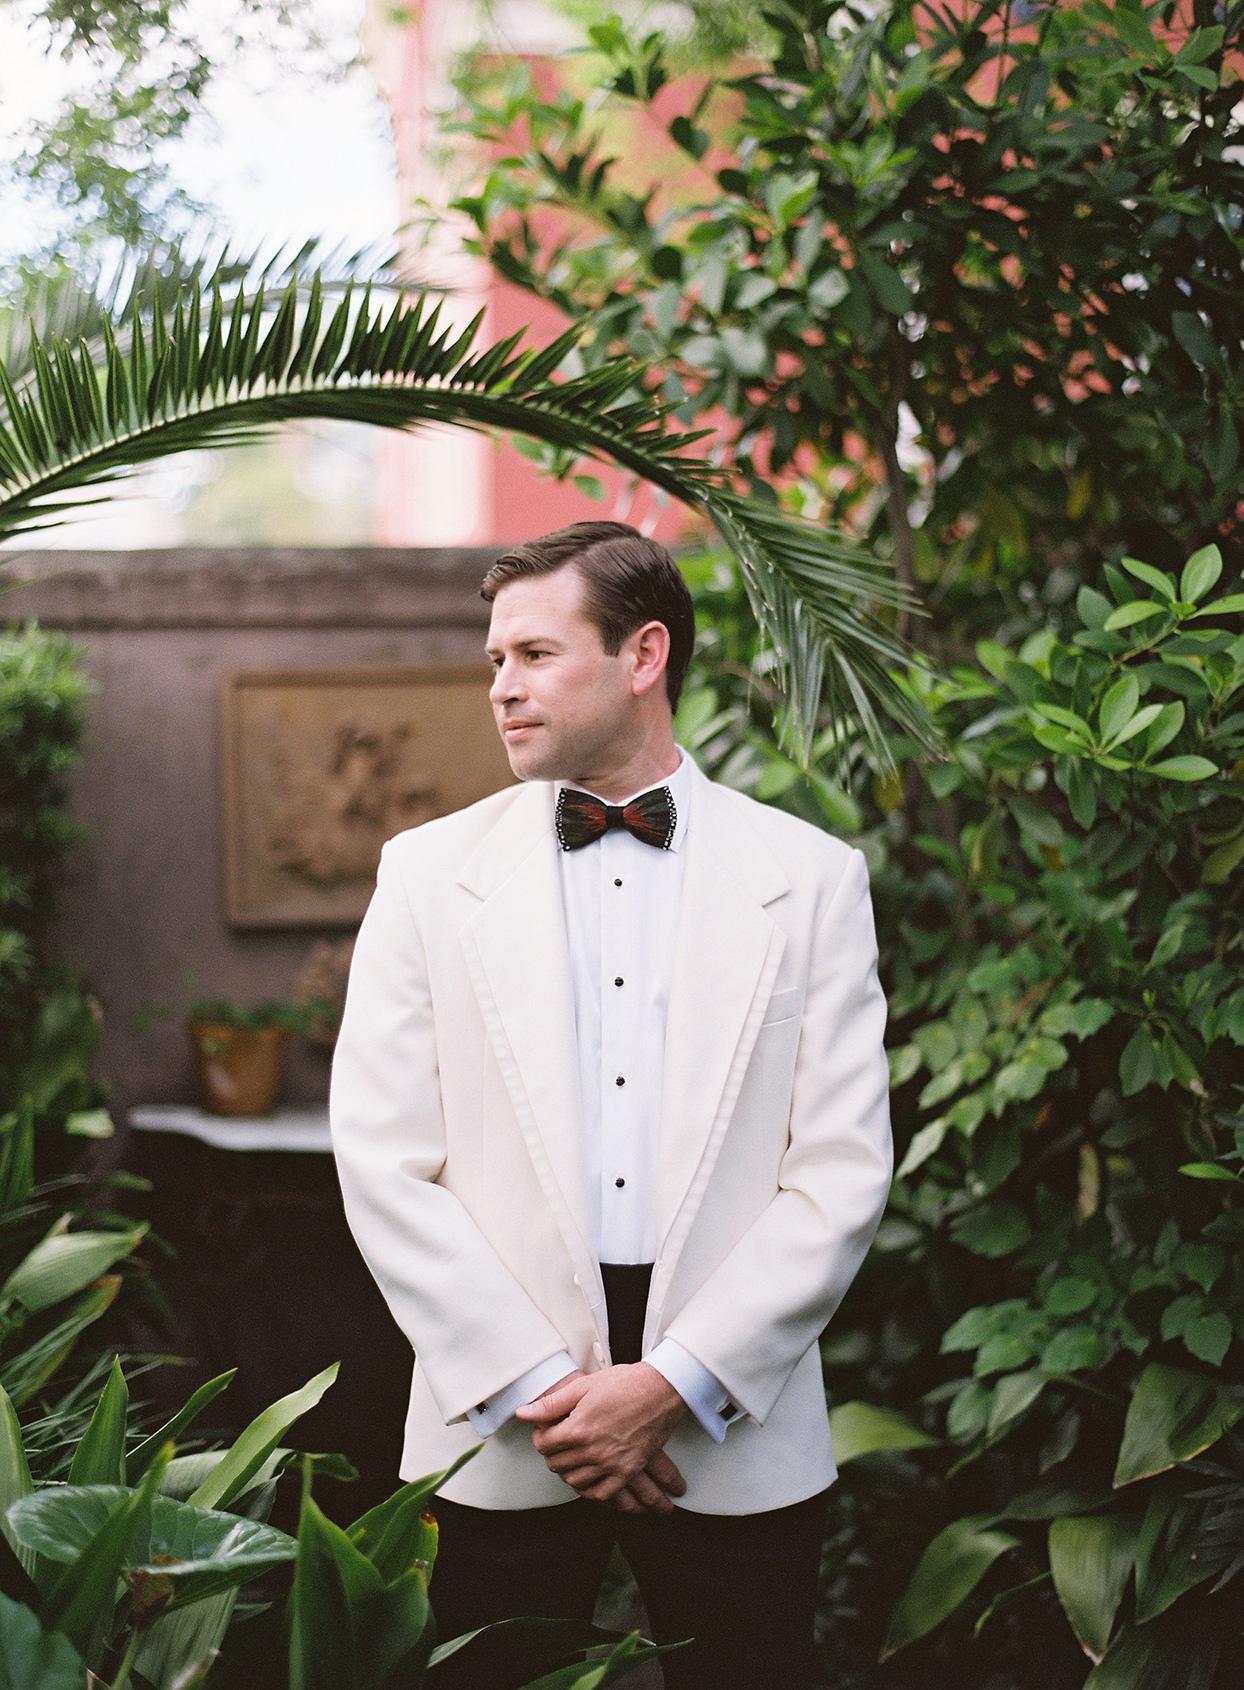 beverly steve wedding groom in white suit jacket